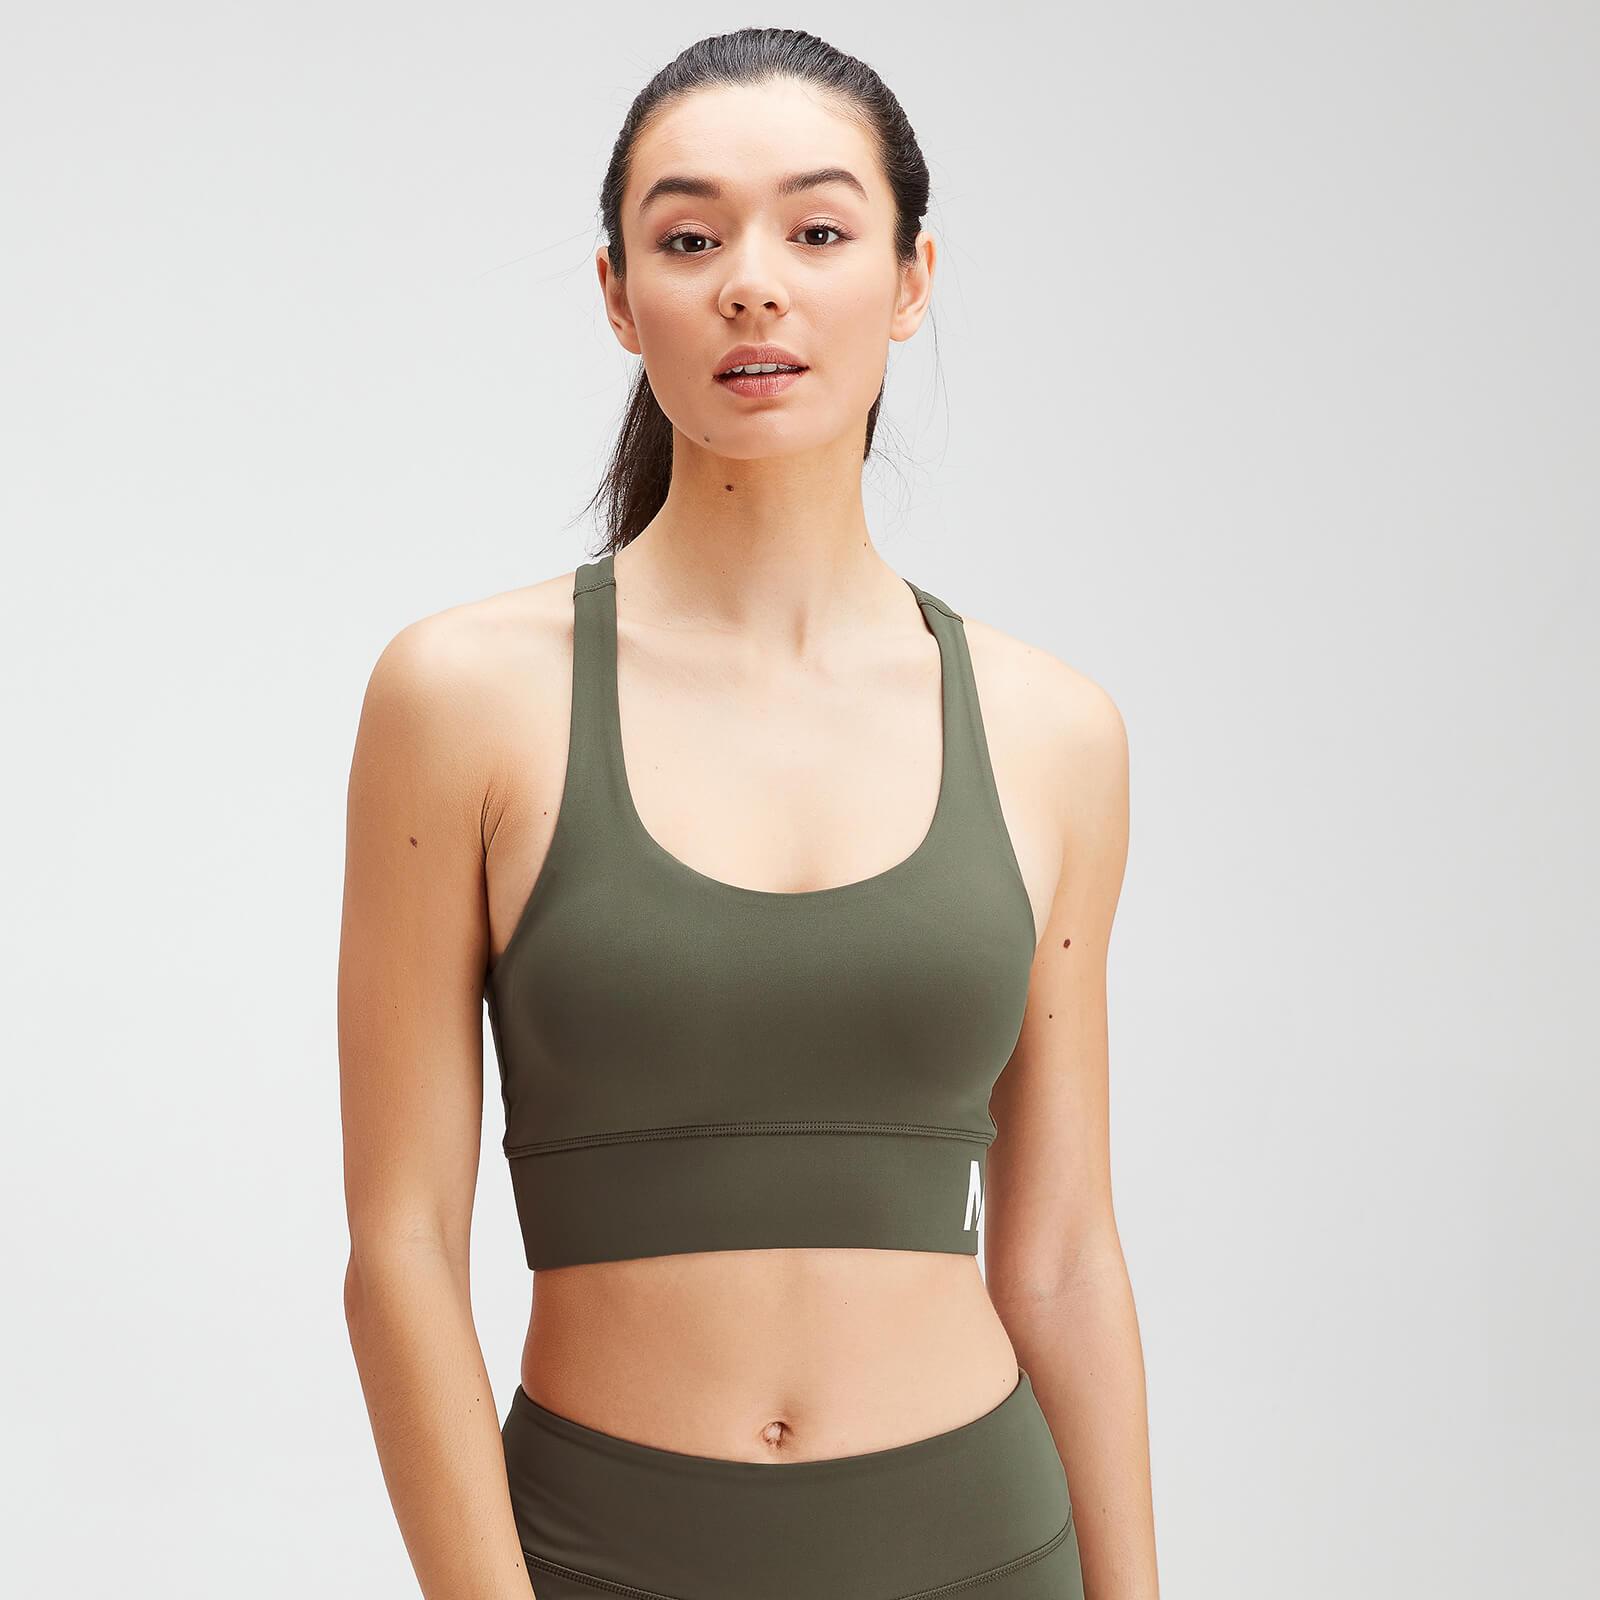 Купить MP Women's Essentials Training Sports Bra - Dark Olive - XXL, Myprotein International